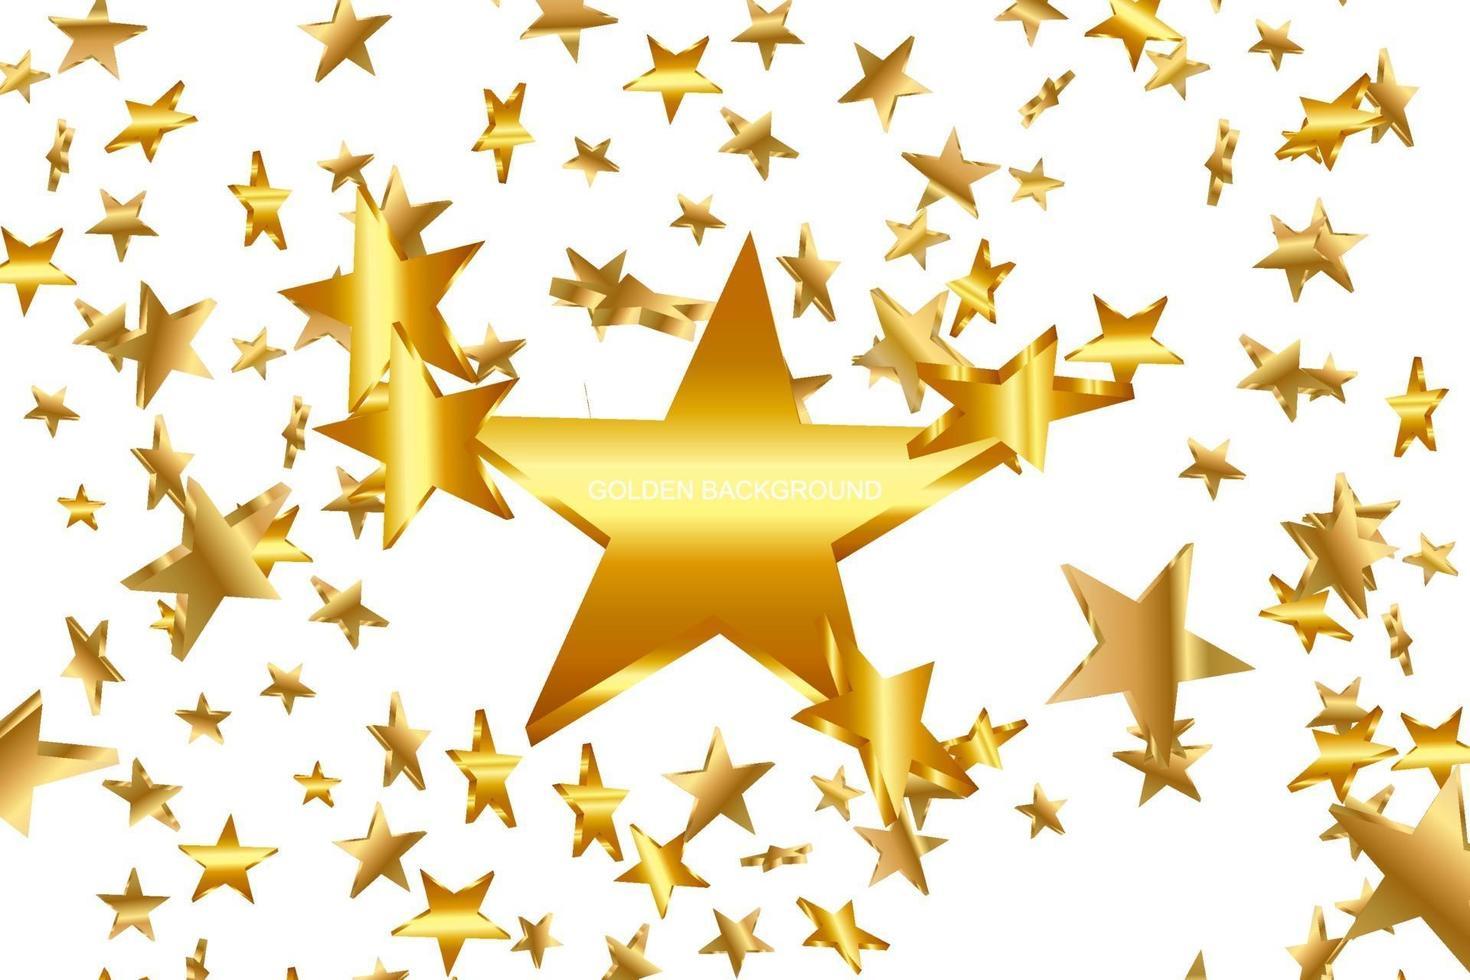 guldgula 3d-stjärnor som faller. vektor konfetti stjärna bakgrund. gyllene stjärnbelyst kort. konfetti faller kaotisk dekor.